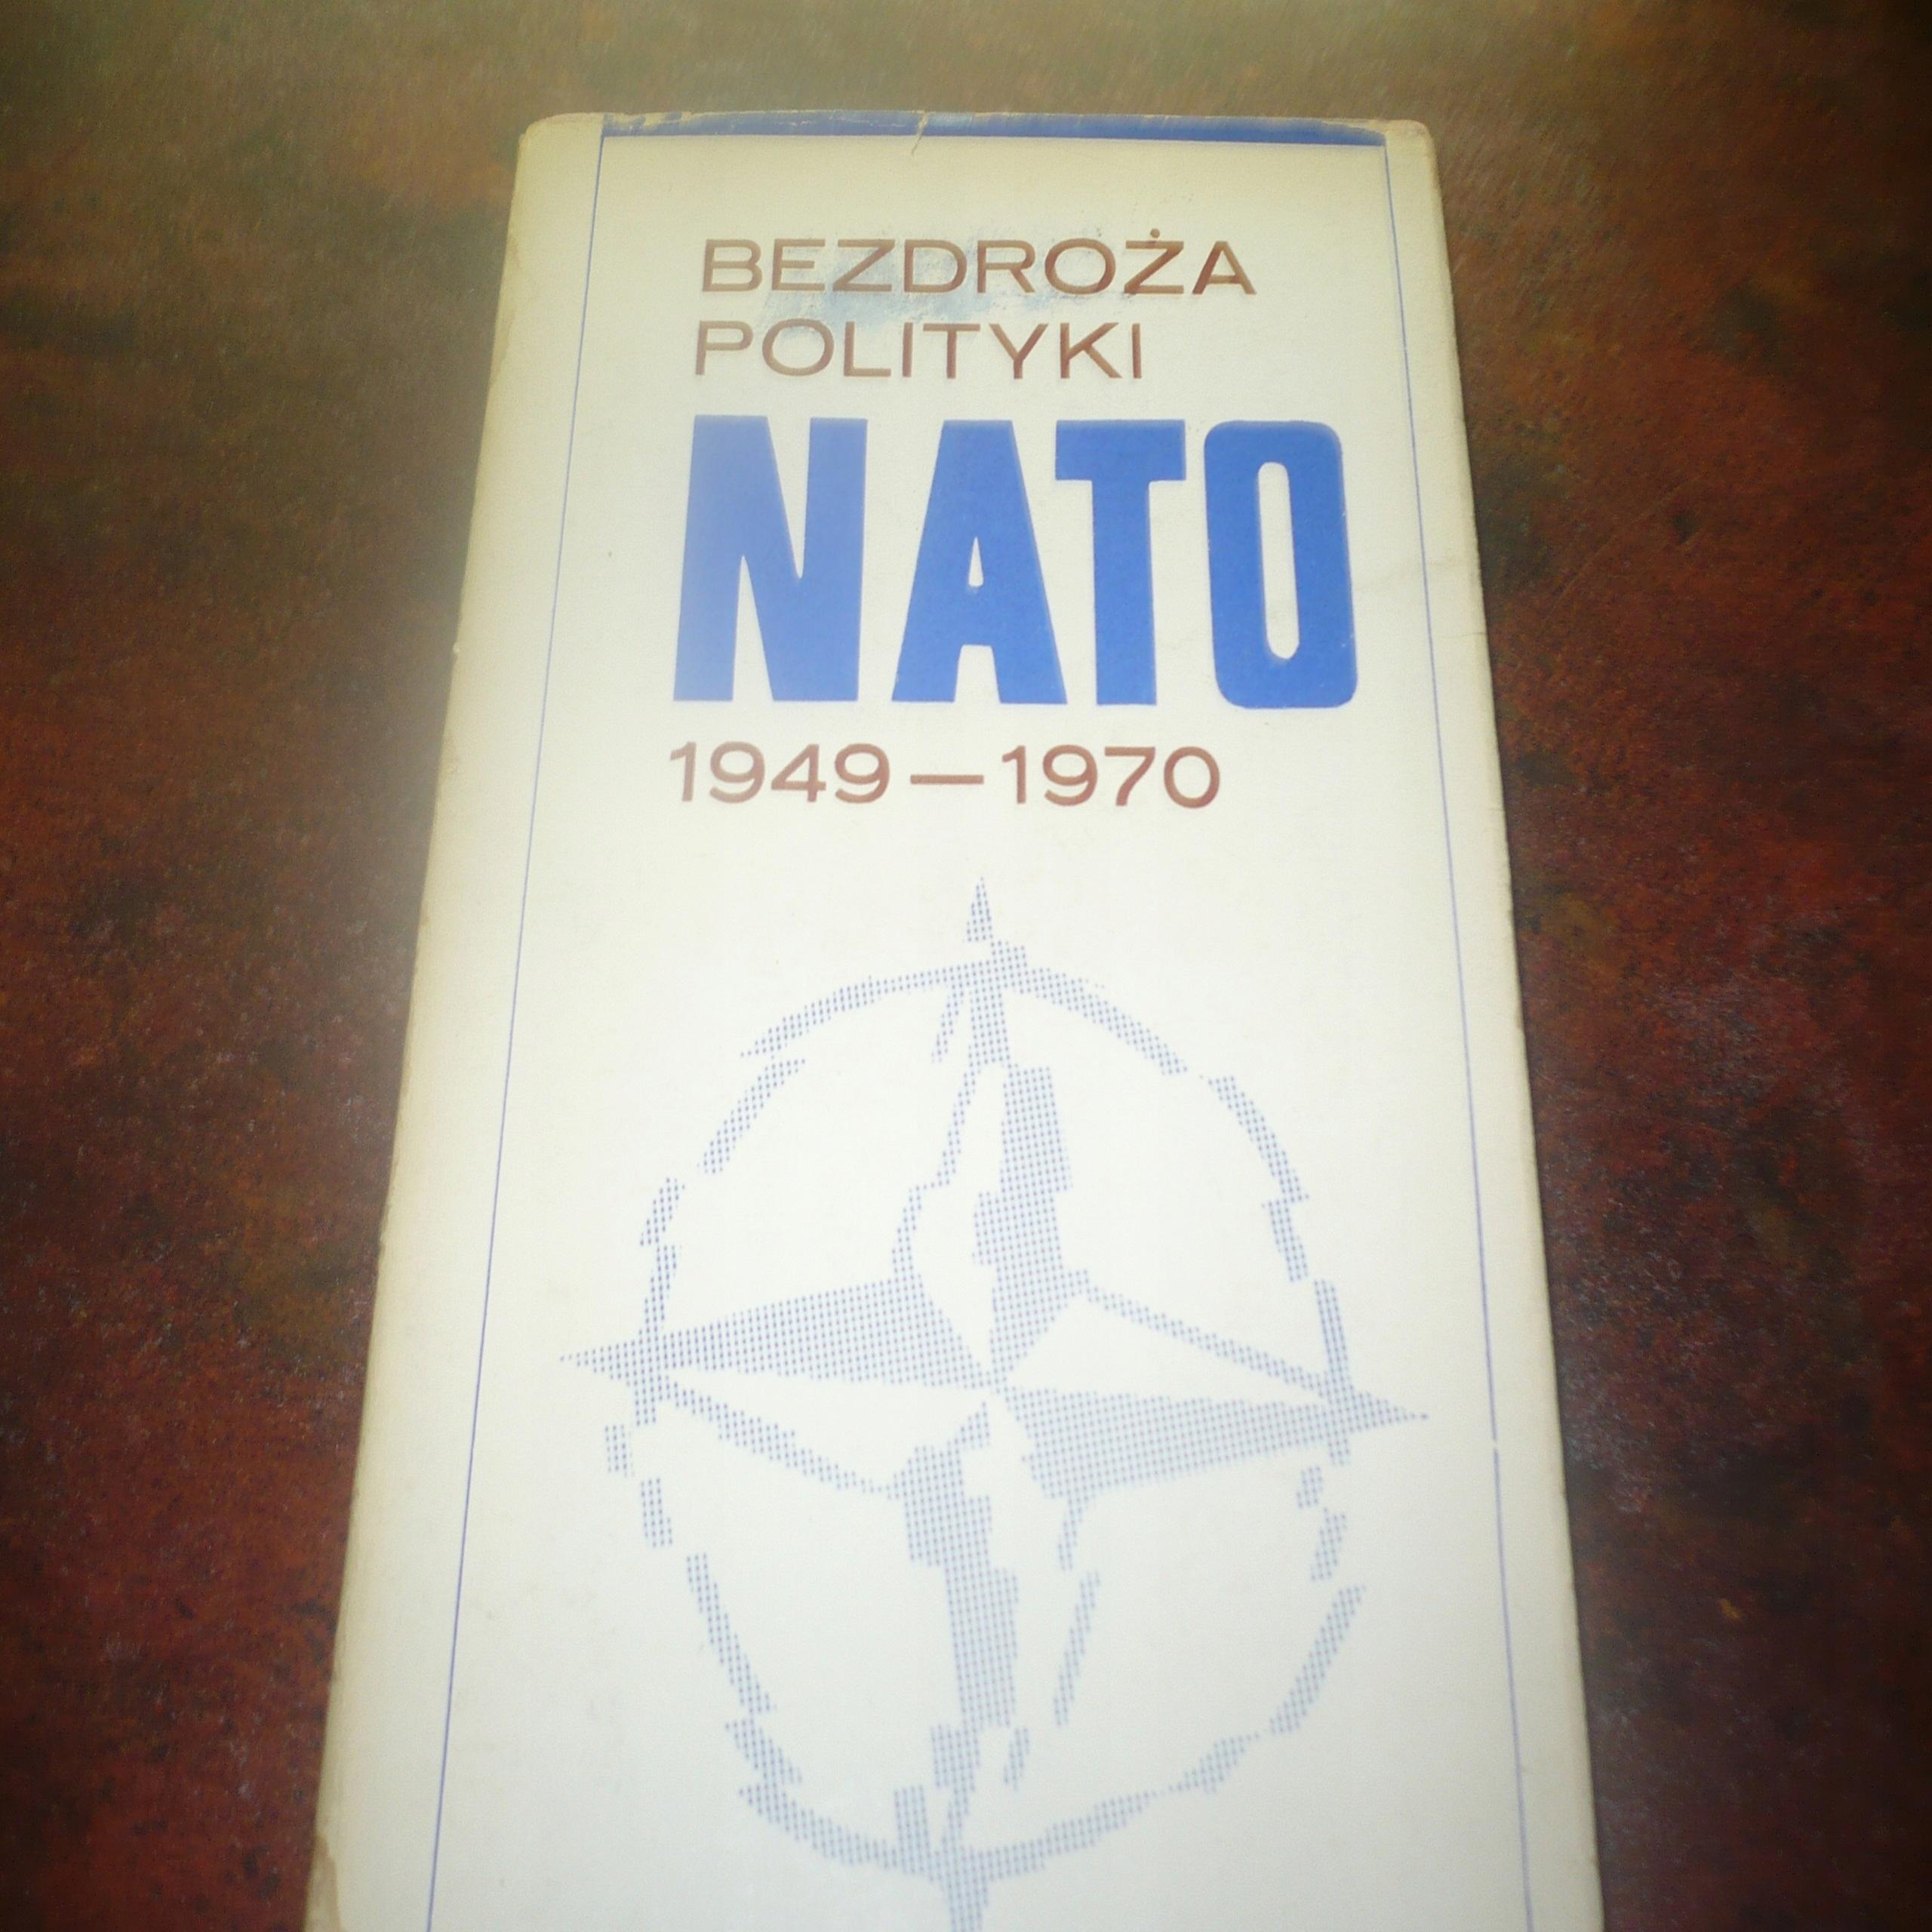 BEZDROŻA POLITYKI NATO 1948-1970